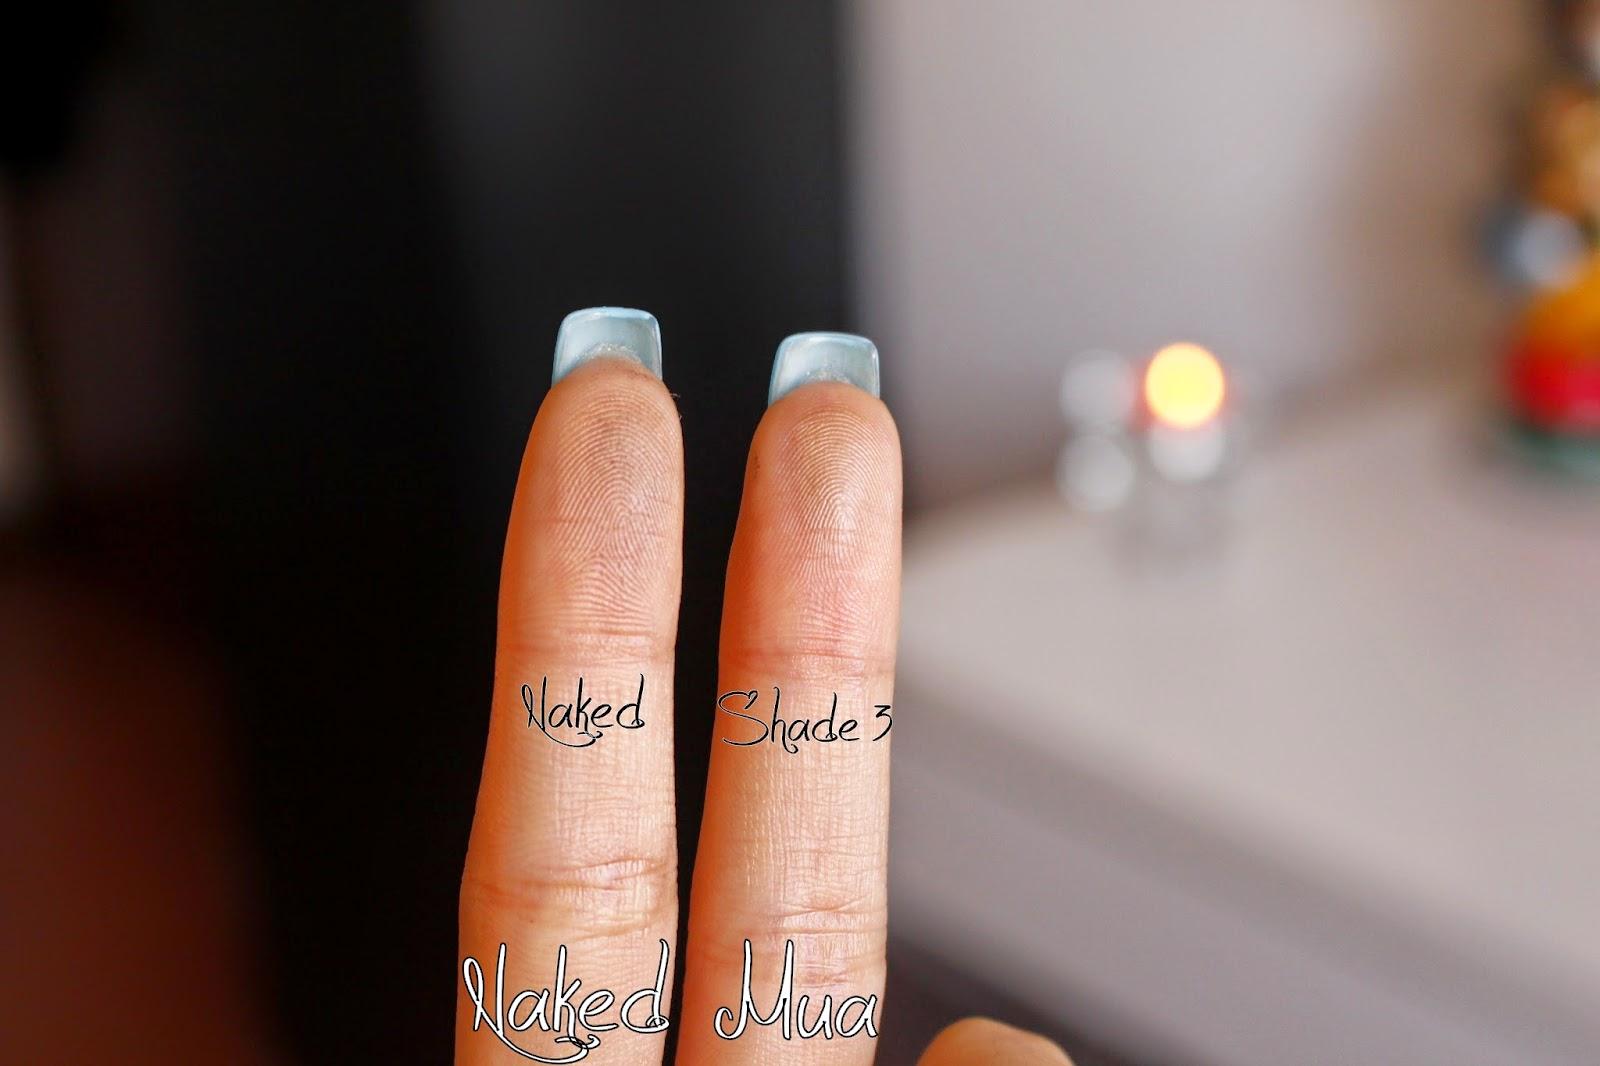 Naked Mua naked shade 3